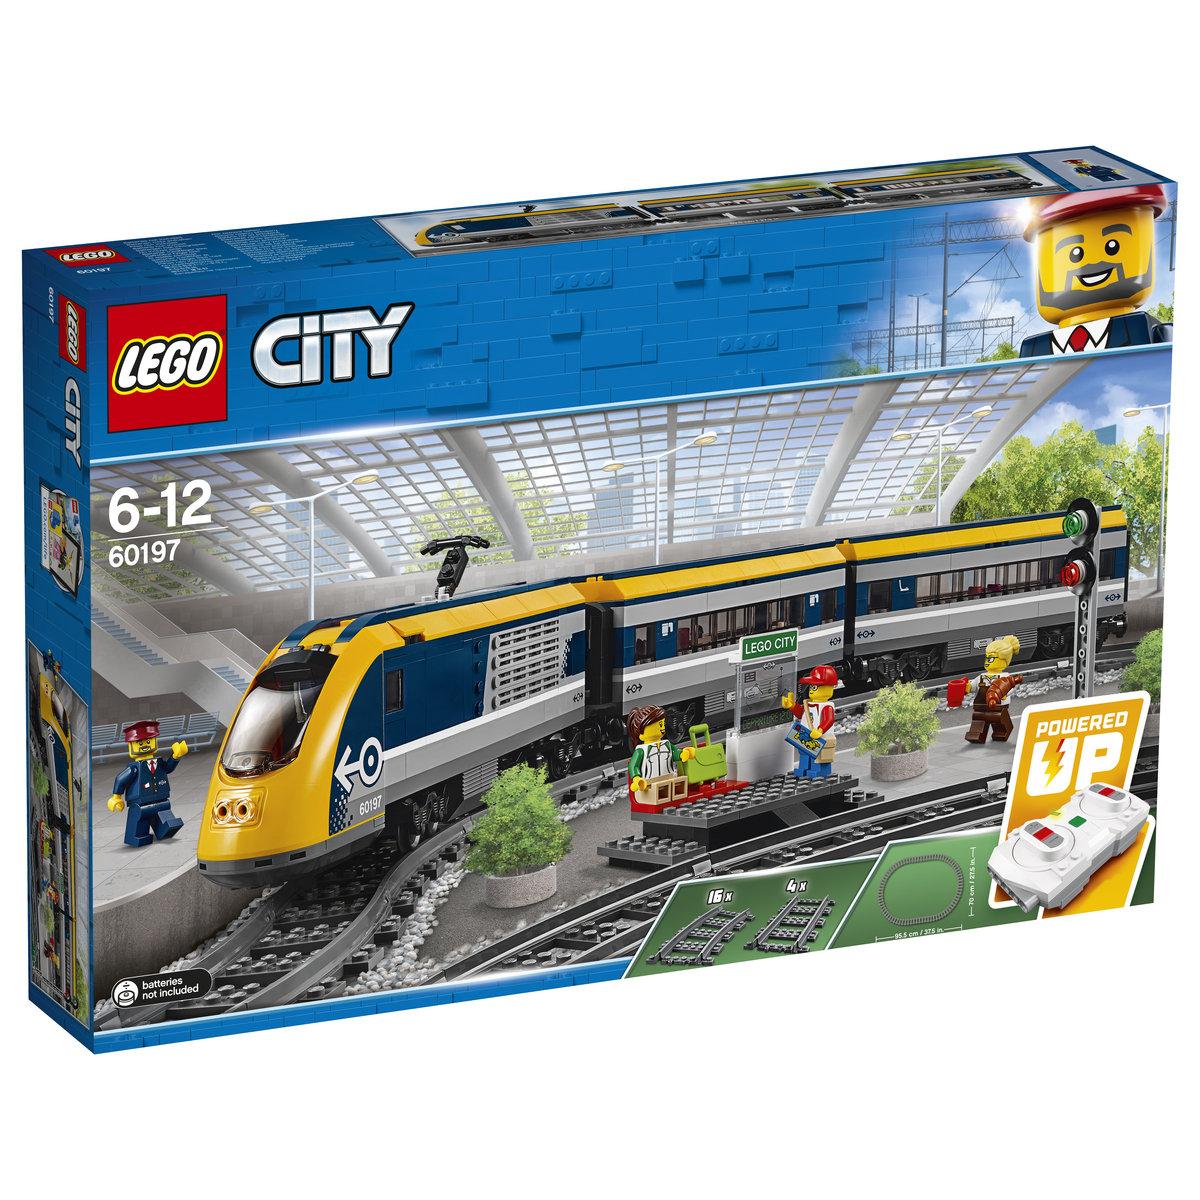 EMPIK, Lego pociąg 60197